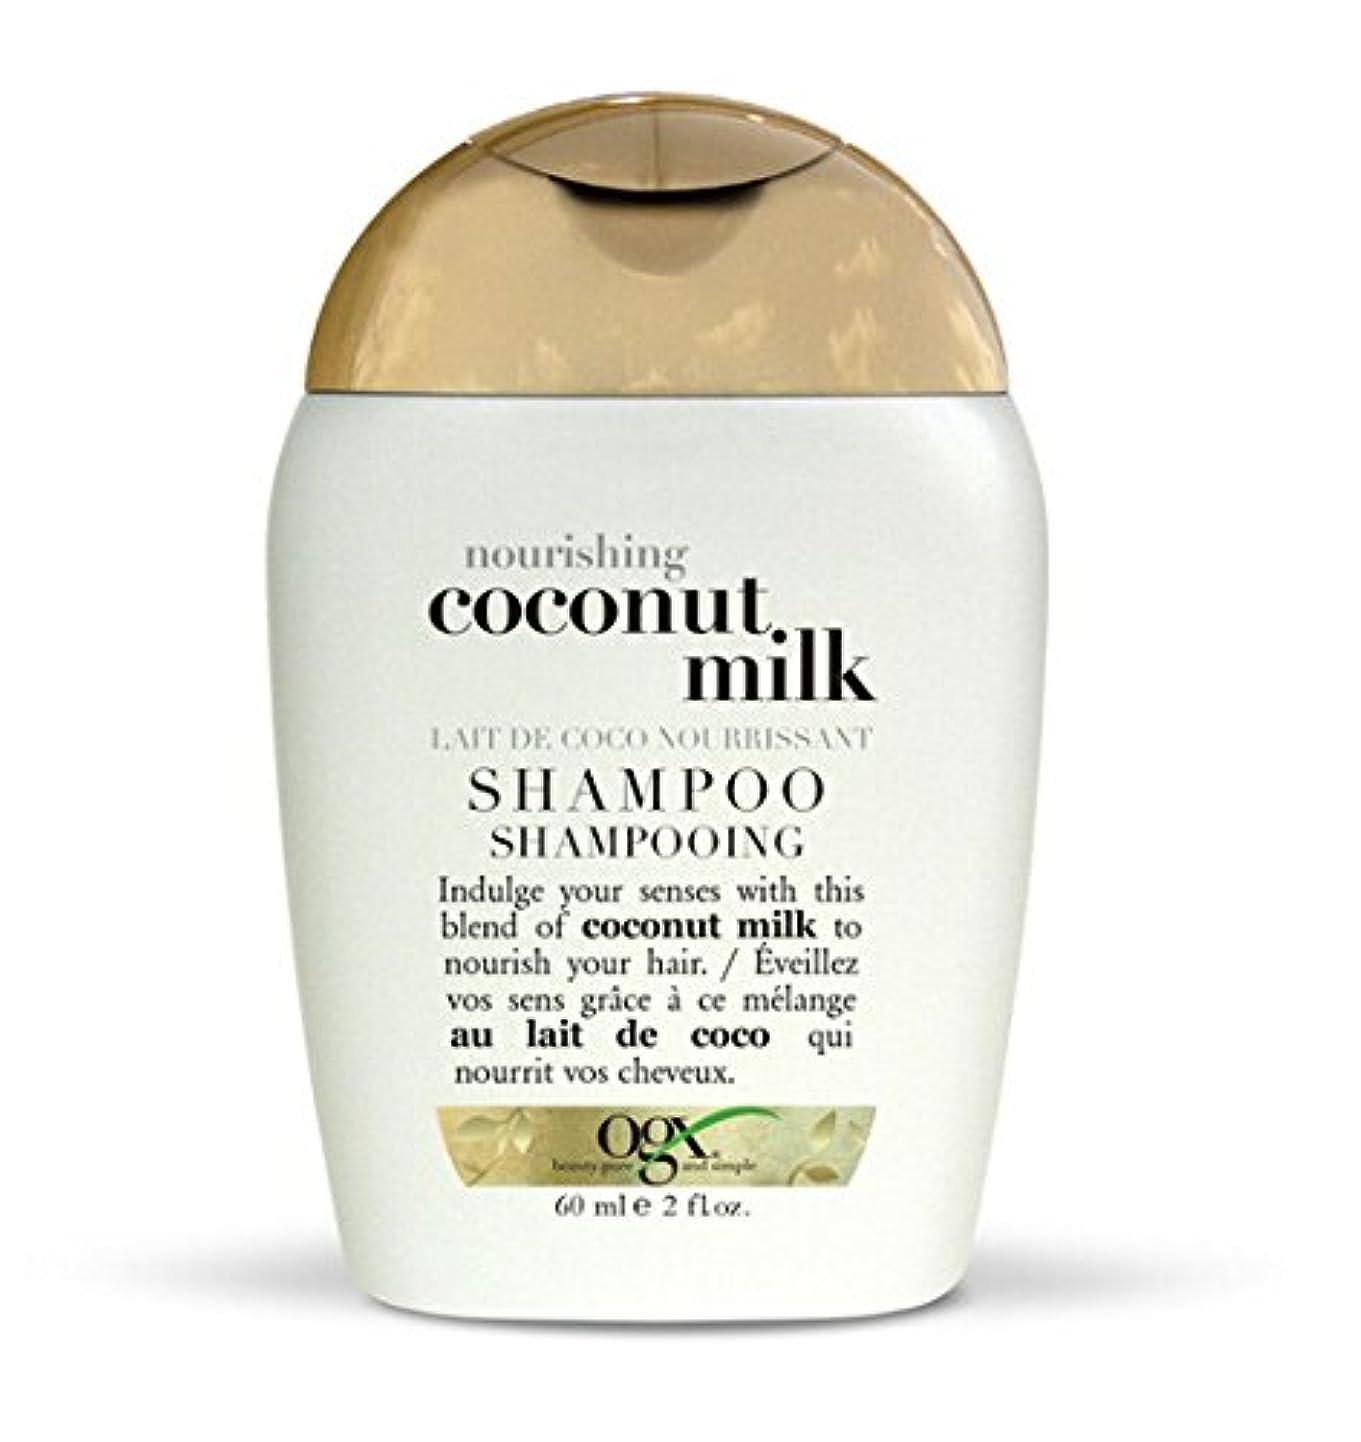 試みスカリーなるVogue ヴォーグ オーガニクス 髪いきいきココナッツミルク 自然派ヘアケア シャンプー 60ml coconut milk shampoo [並行輸入品]